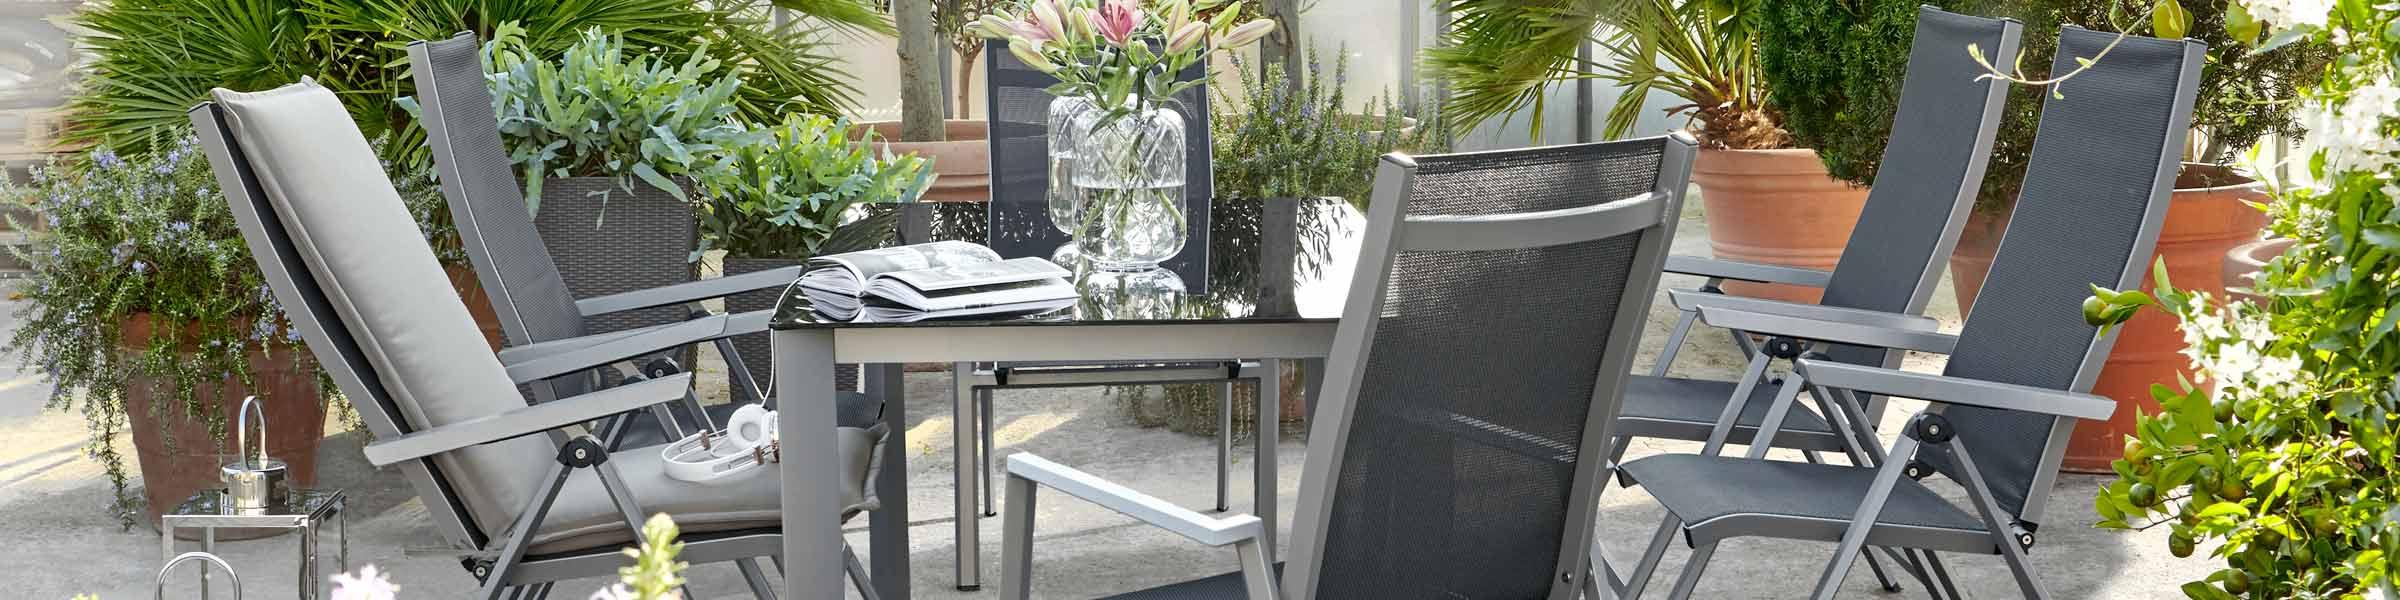 Gartenstühle Gartensessel Einfach Online Kaufen Dehner